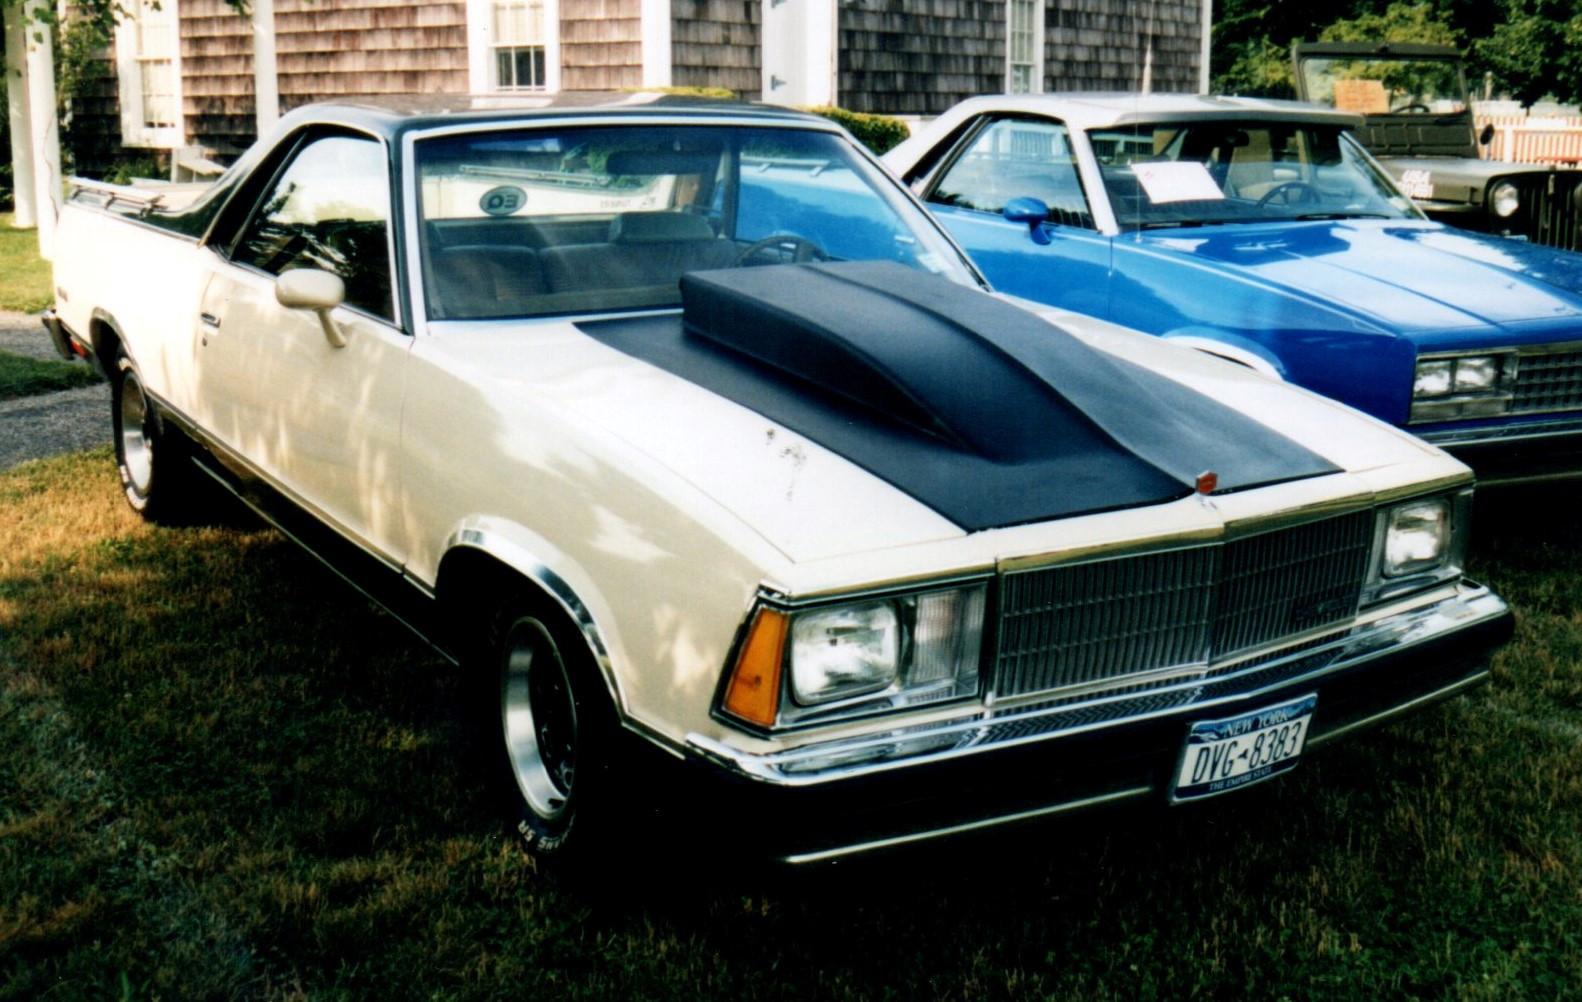 1980 Chevrolet ElCamino - Matt Ravenhall